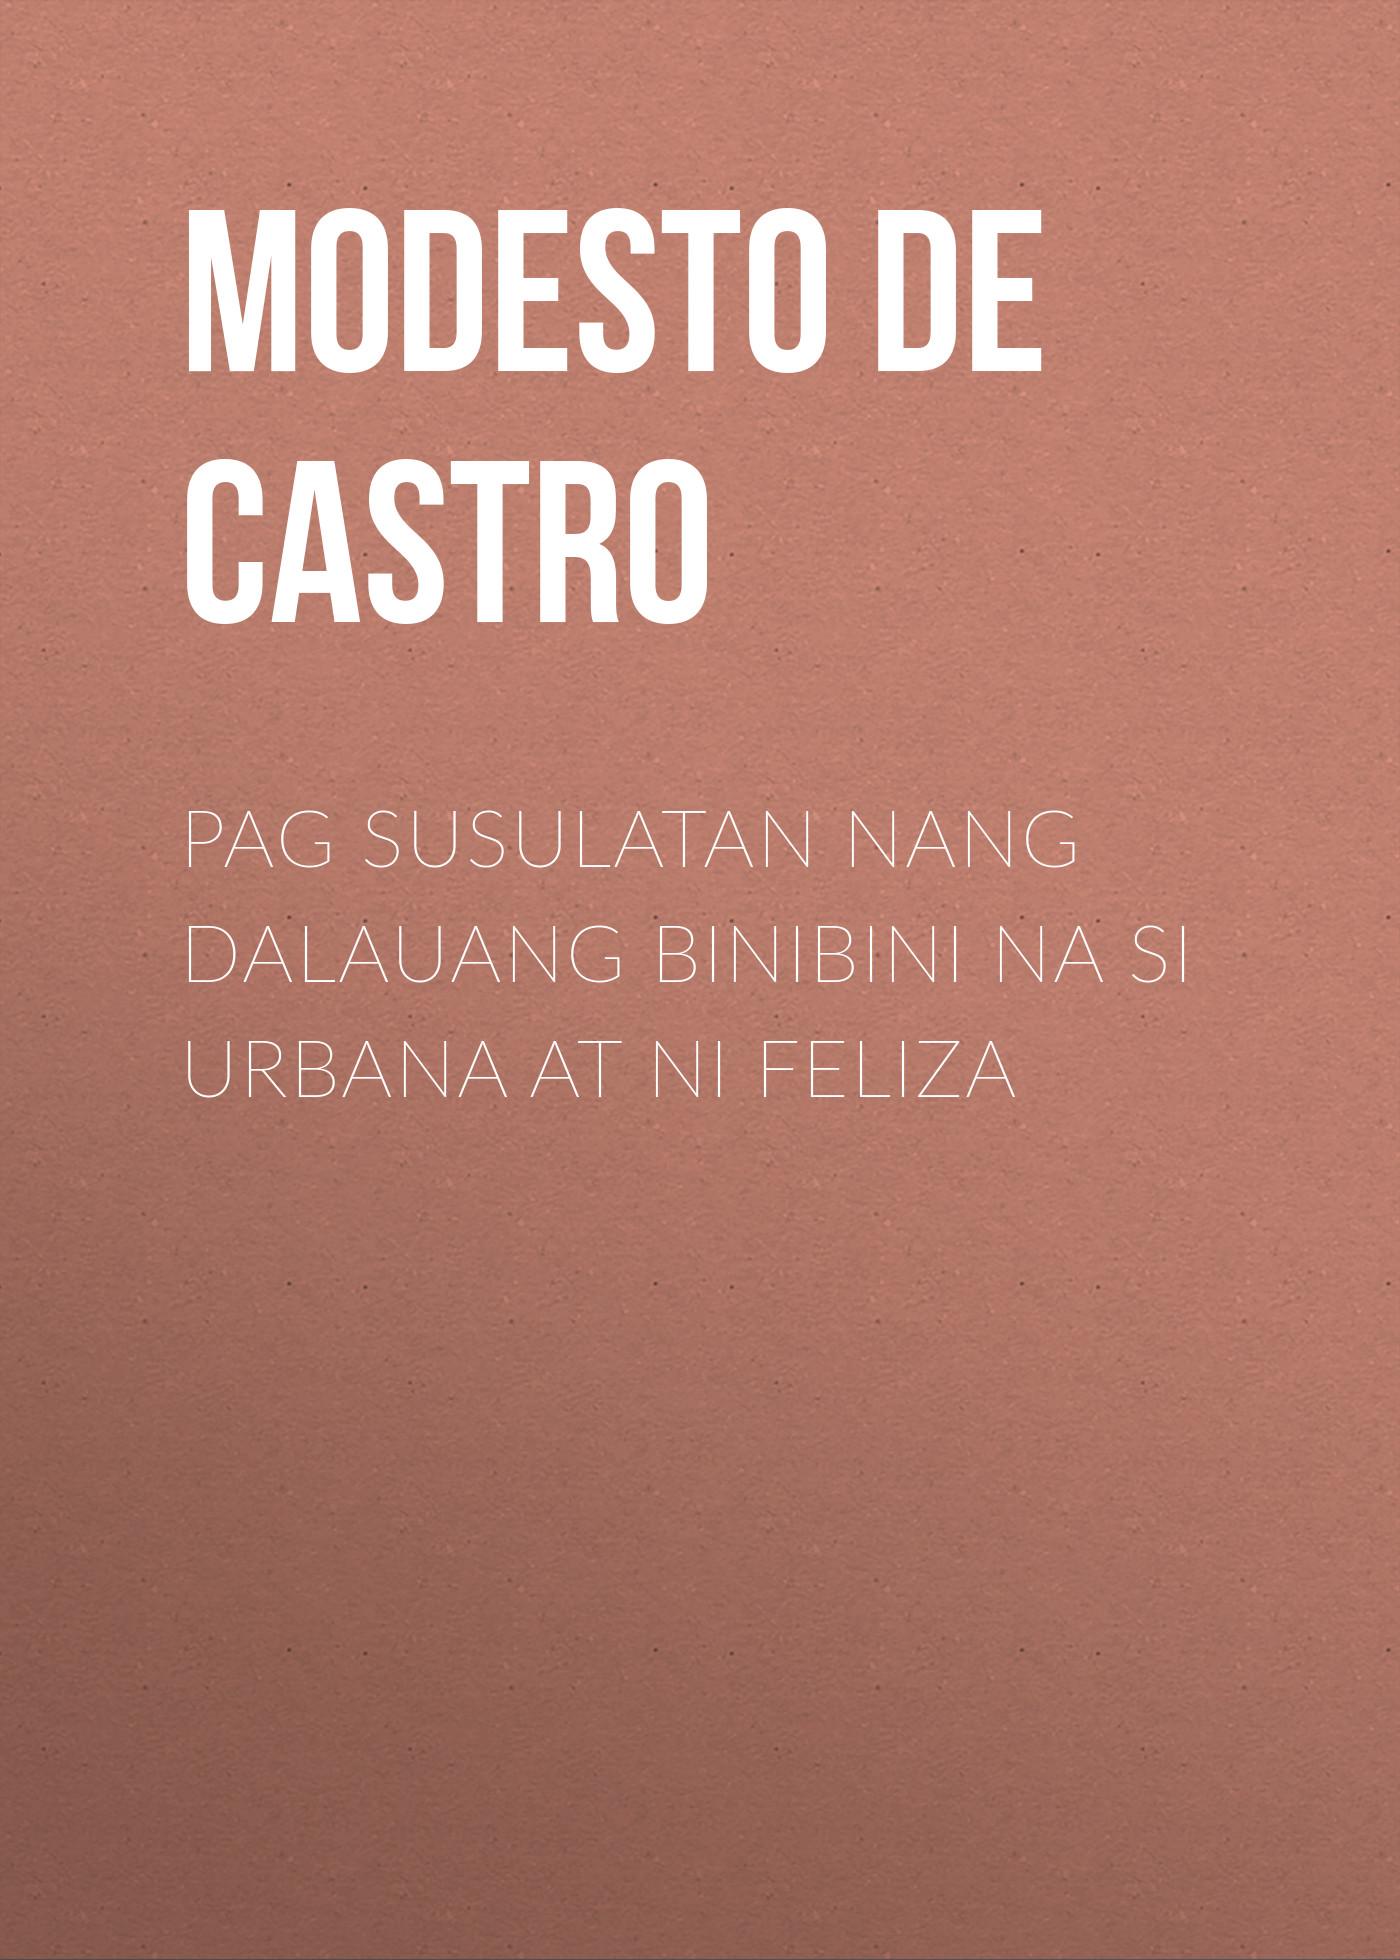 Modesto de Castro Pag Susulatan nang Dalauang Binibini na si Urbana at ni Feliza pag